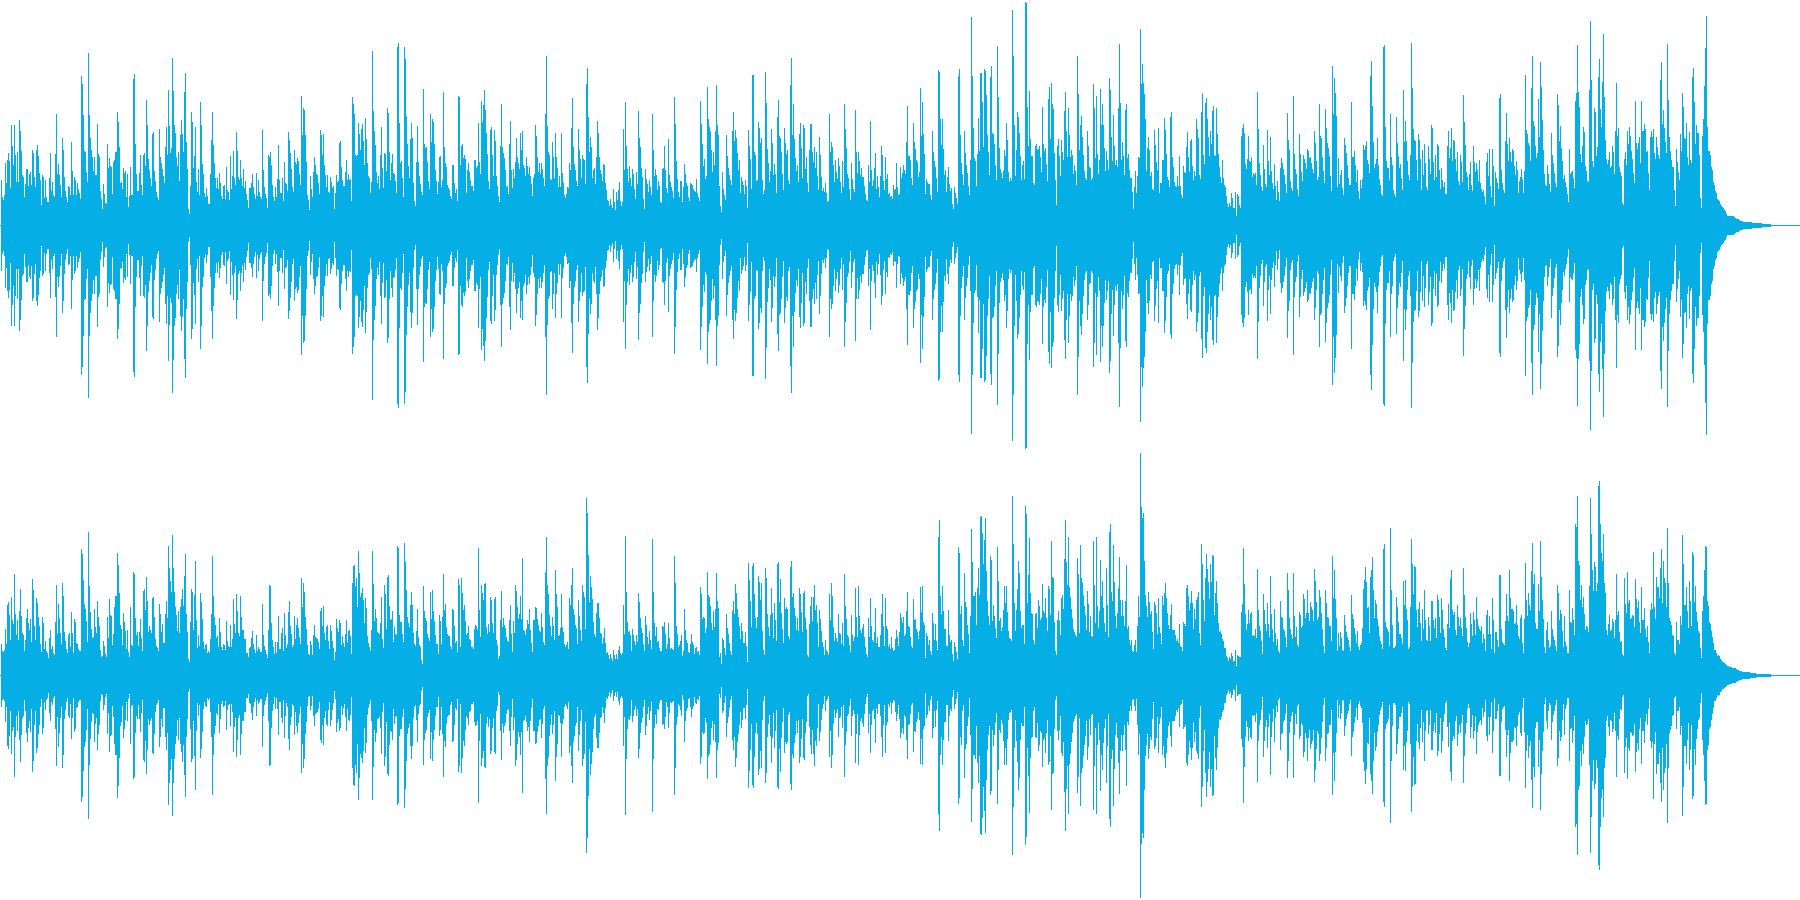 クラシックギターの癒し系サウンドの再生済みの波形